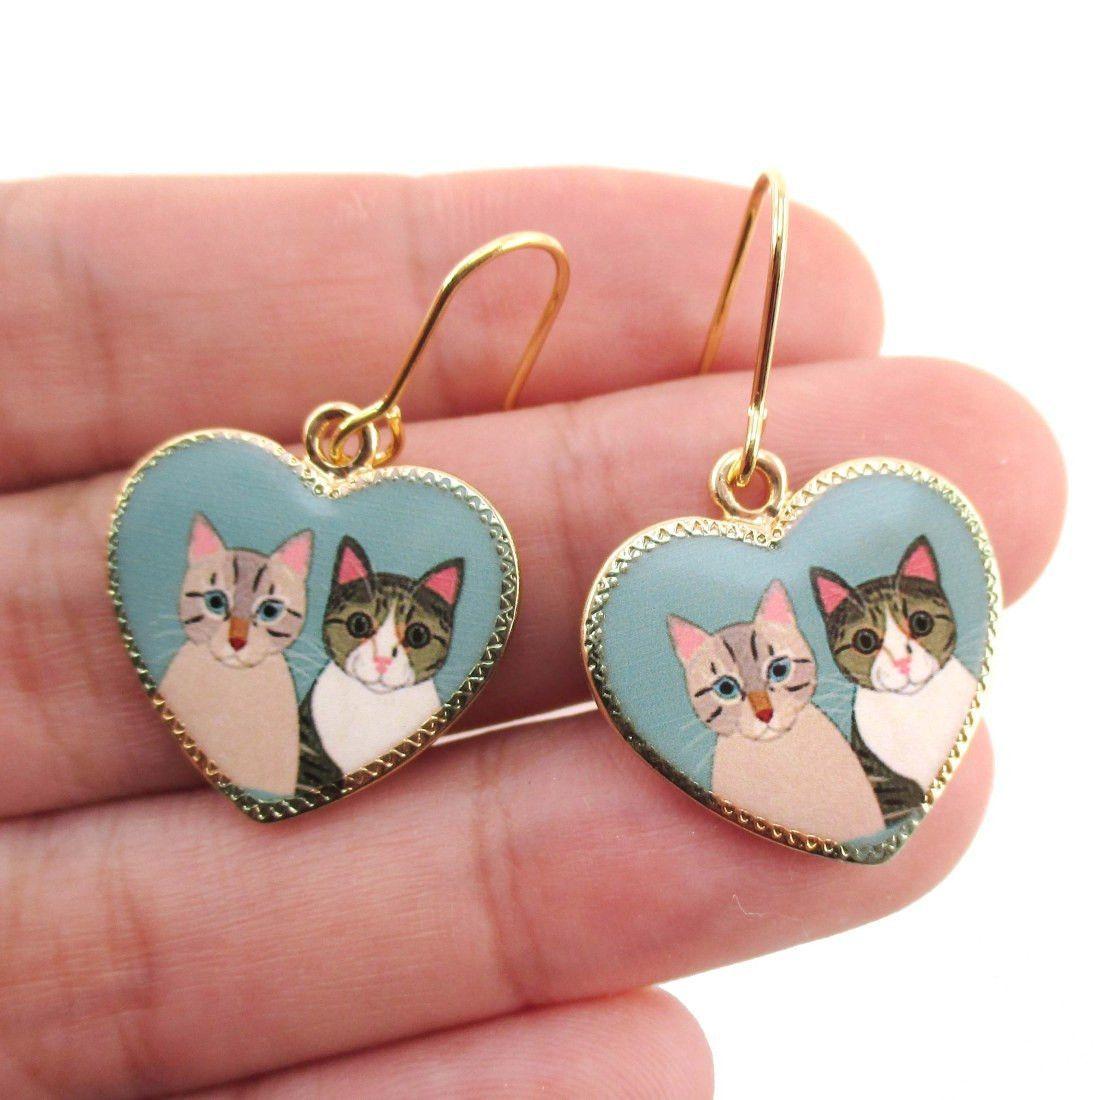 Heart Shaped Illustrated Cat Portrait Dangle Earrings Animal Jewelry Animal Jewelry I Love Jewelry Cat Earrings